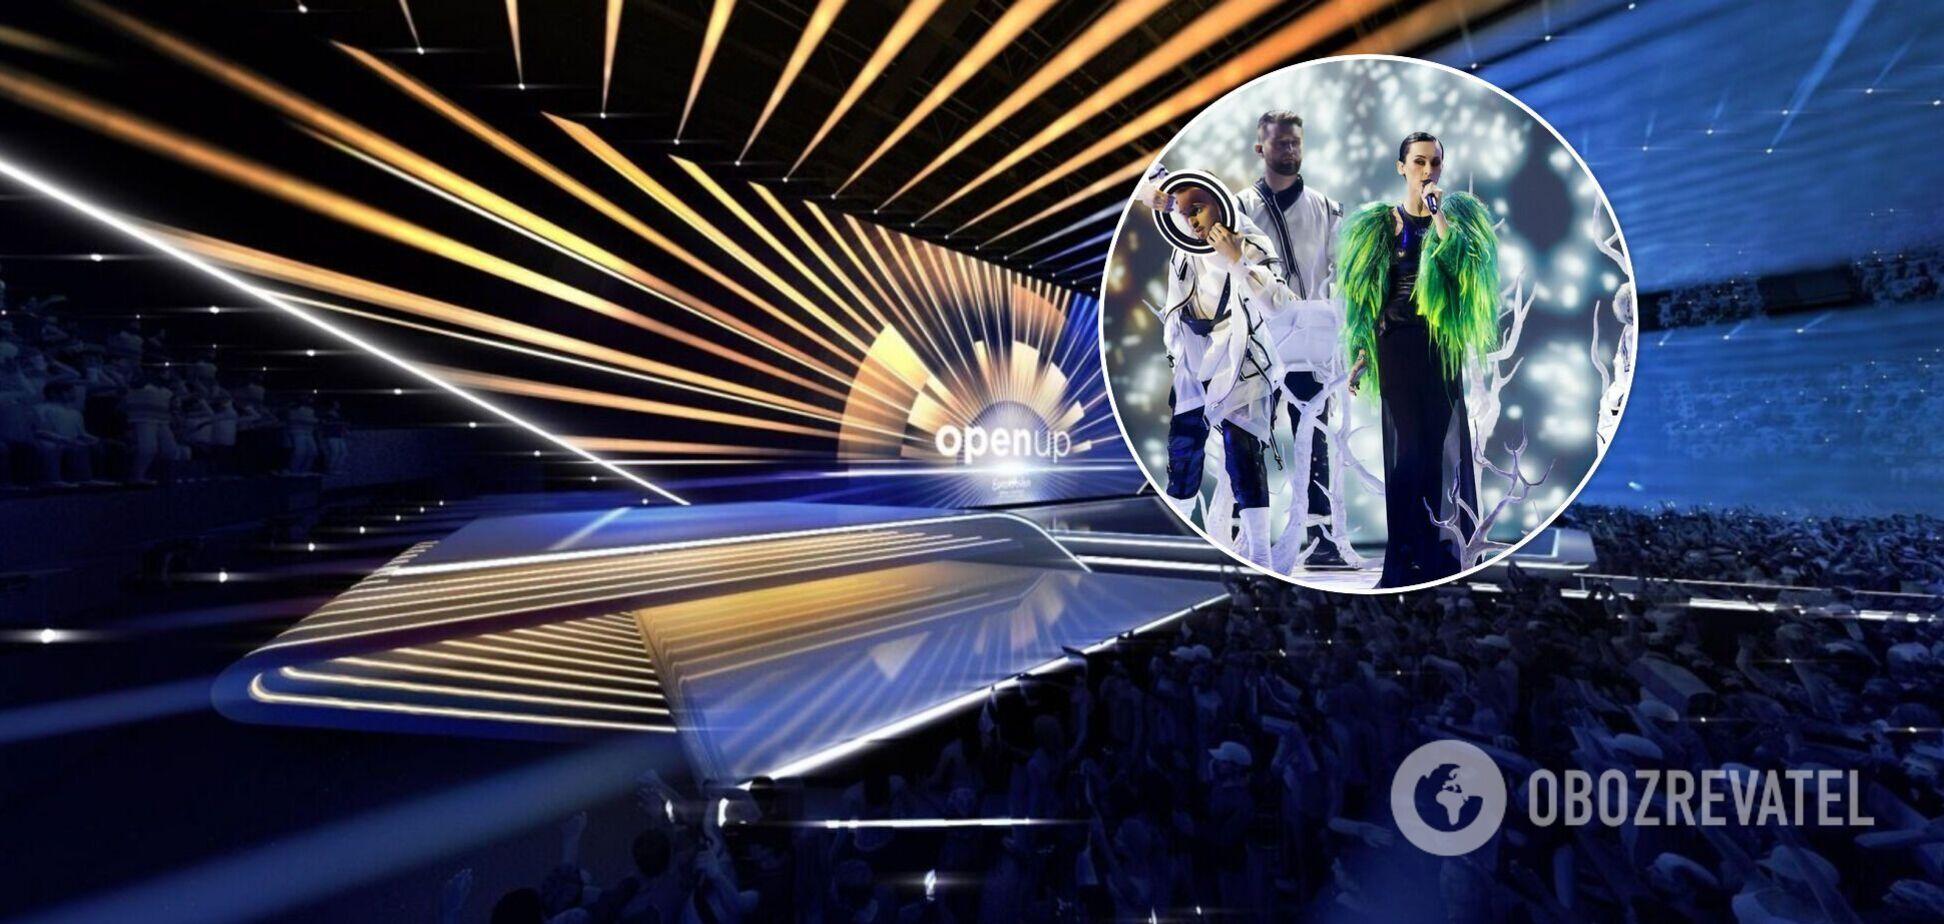 Евровидение 2021: как голосовали за группу Go_A жюри и зрители разных стран. Фото